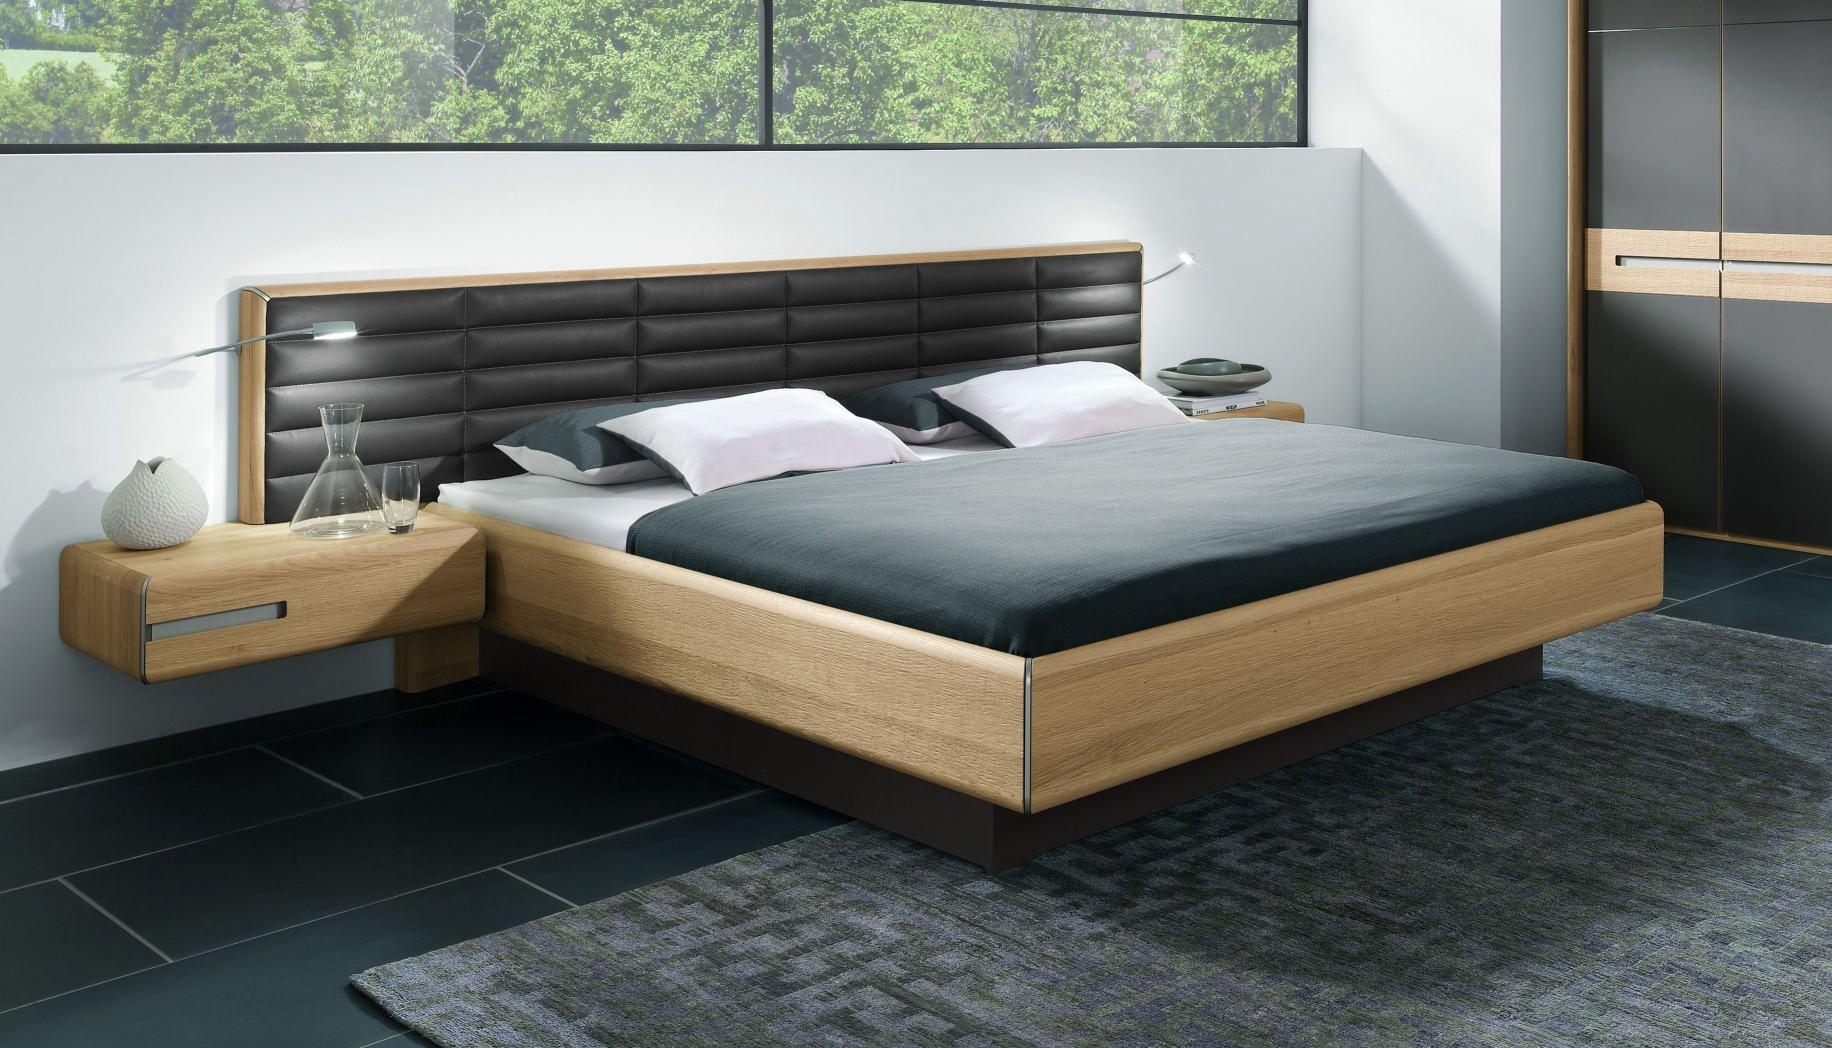 Tolle schlafzimmer bett günstig - | Deutsche | Bed, Bedroom bed, Bedroom